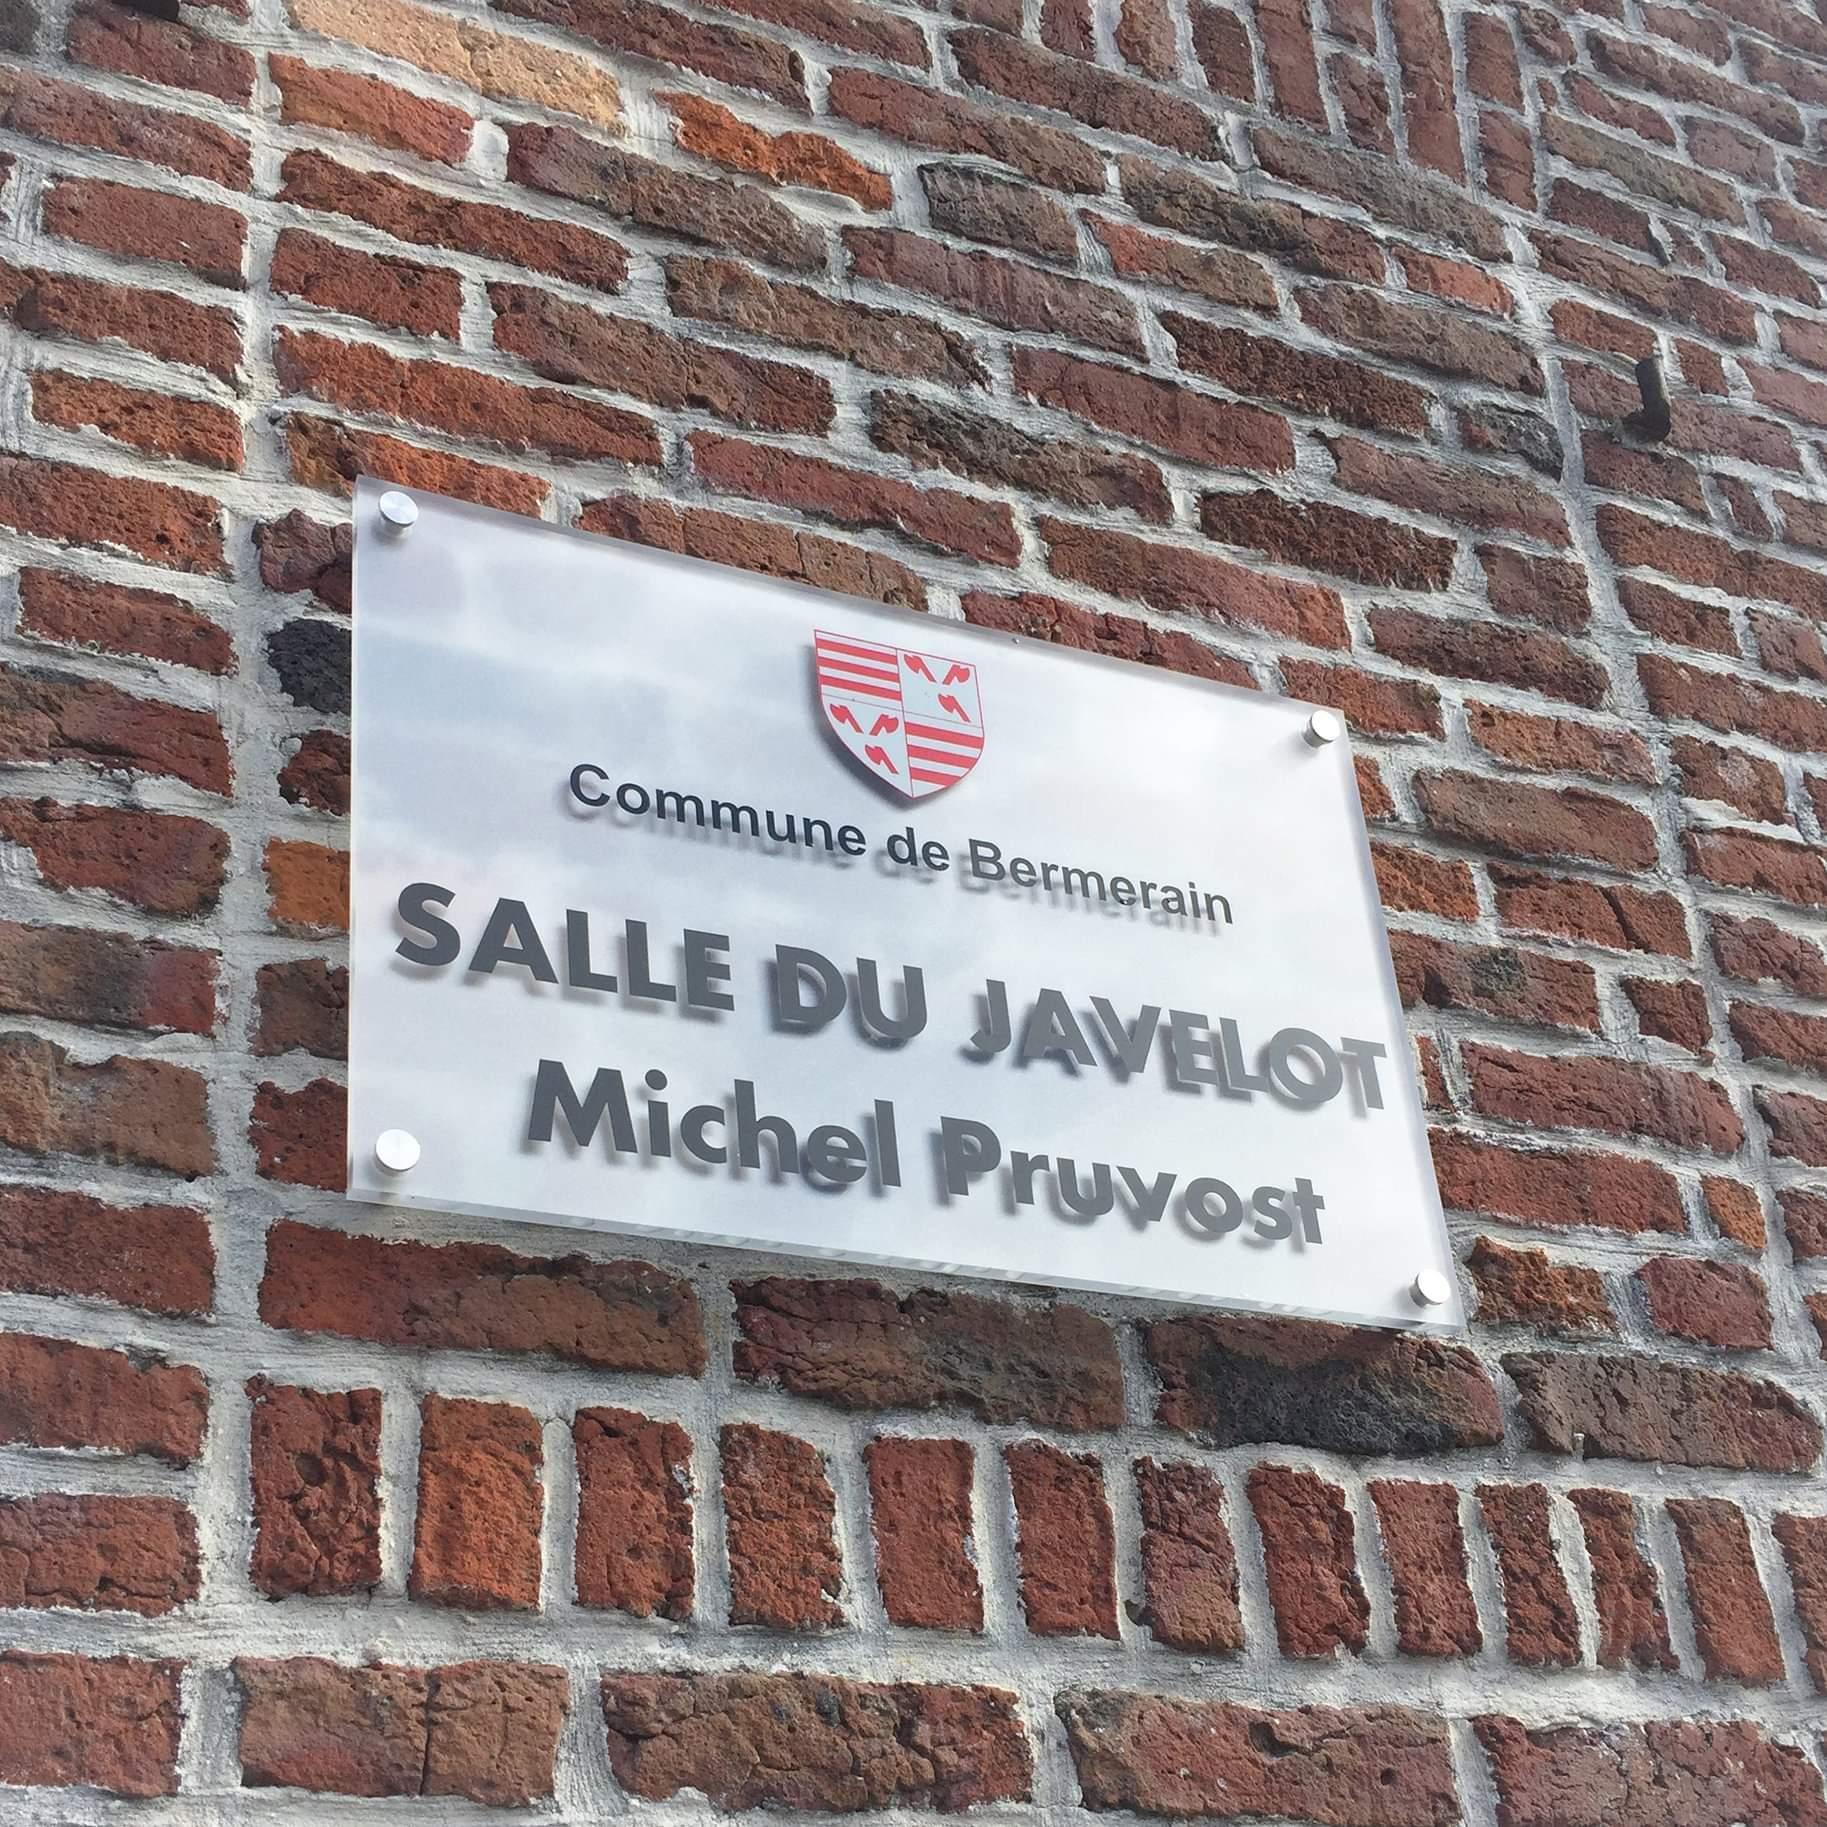 Salle Michel Pruvost